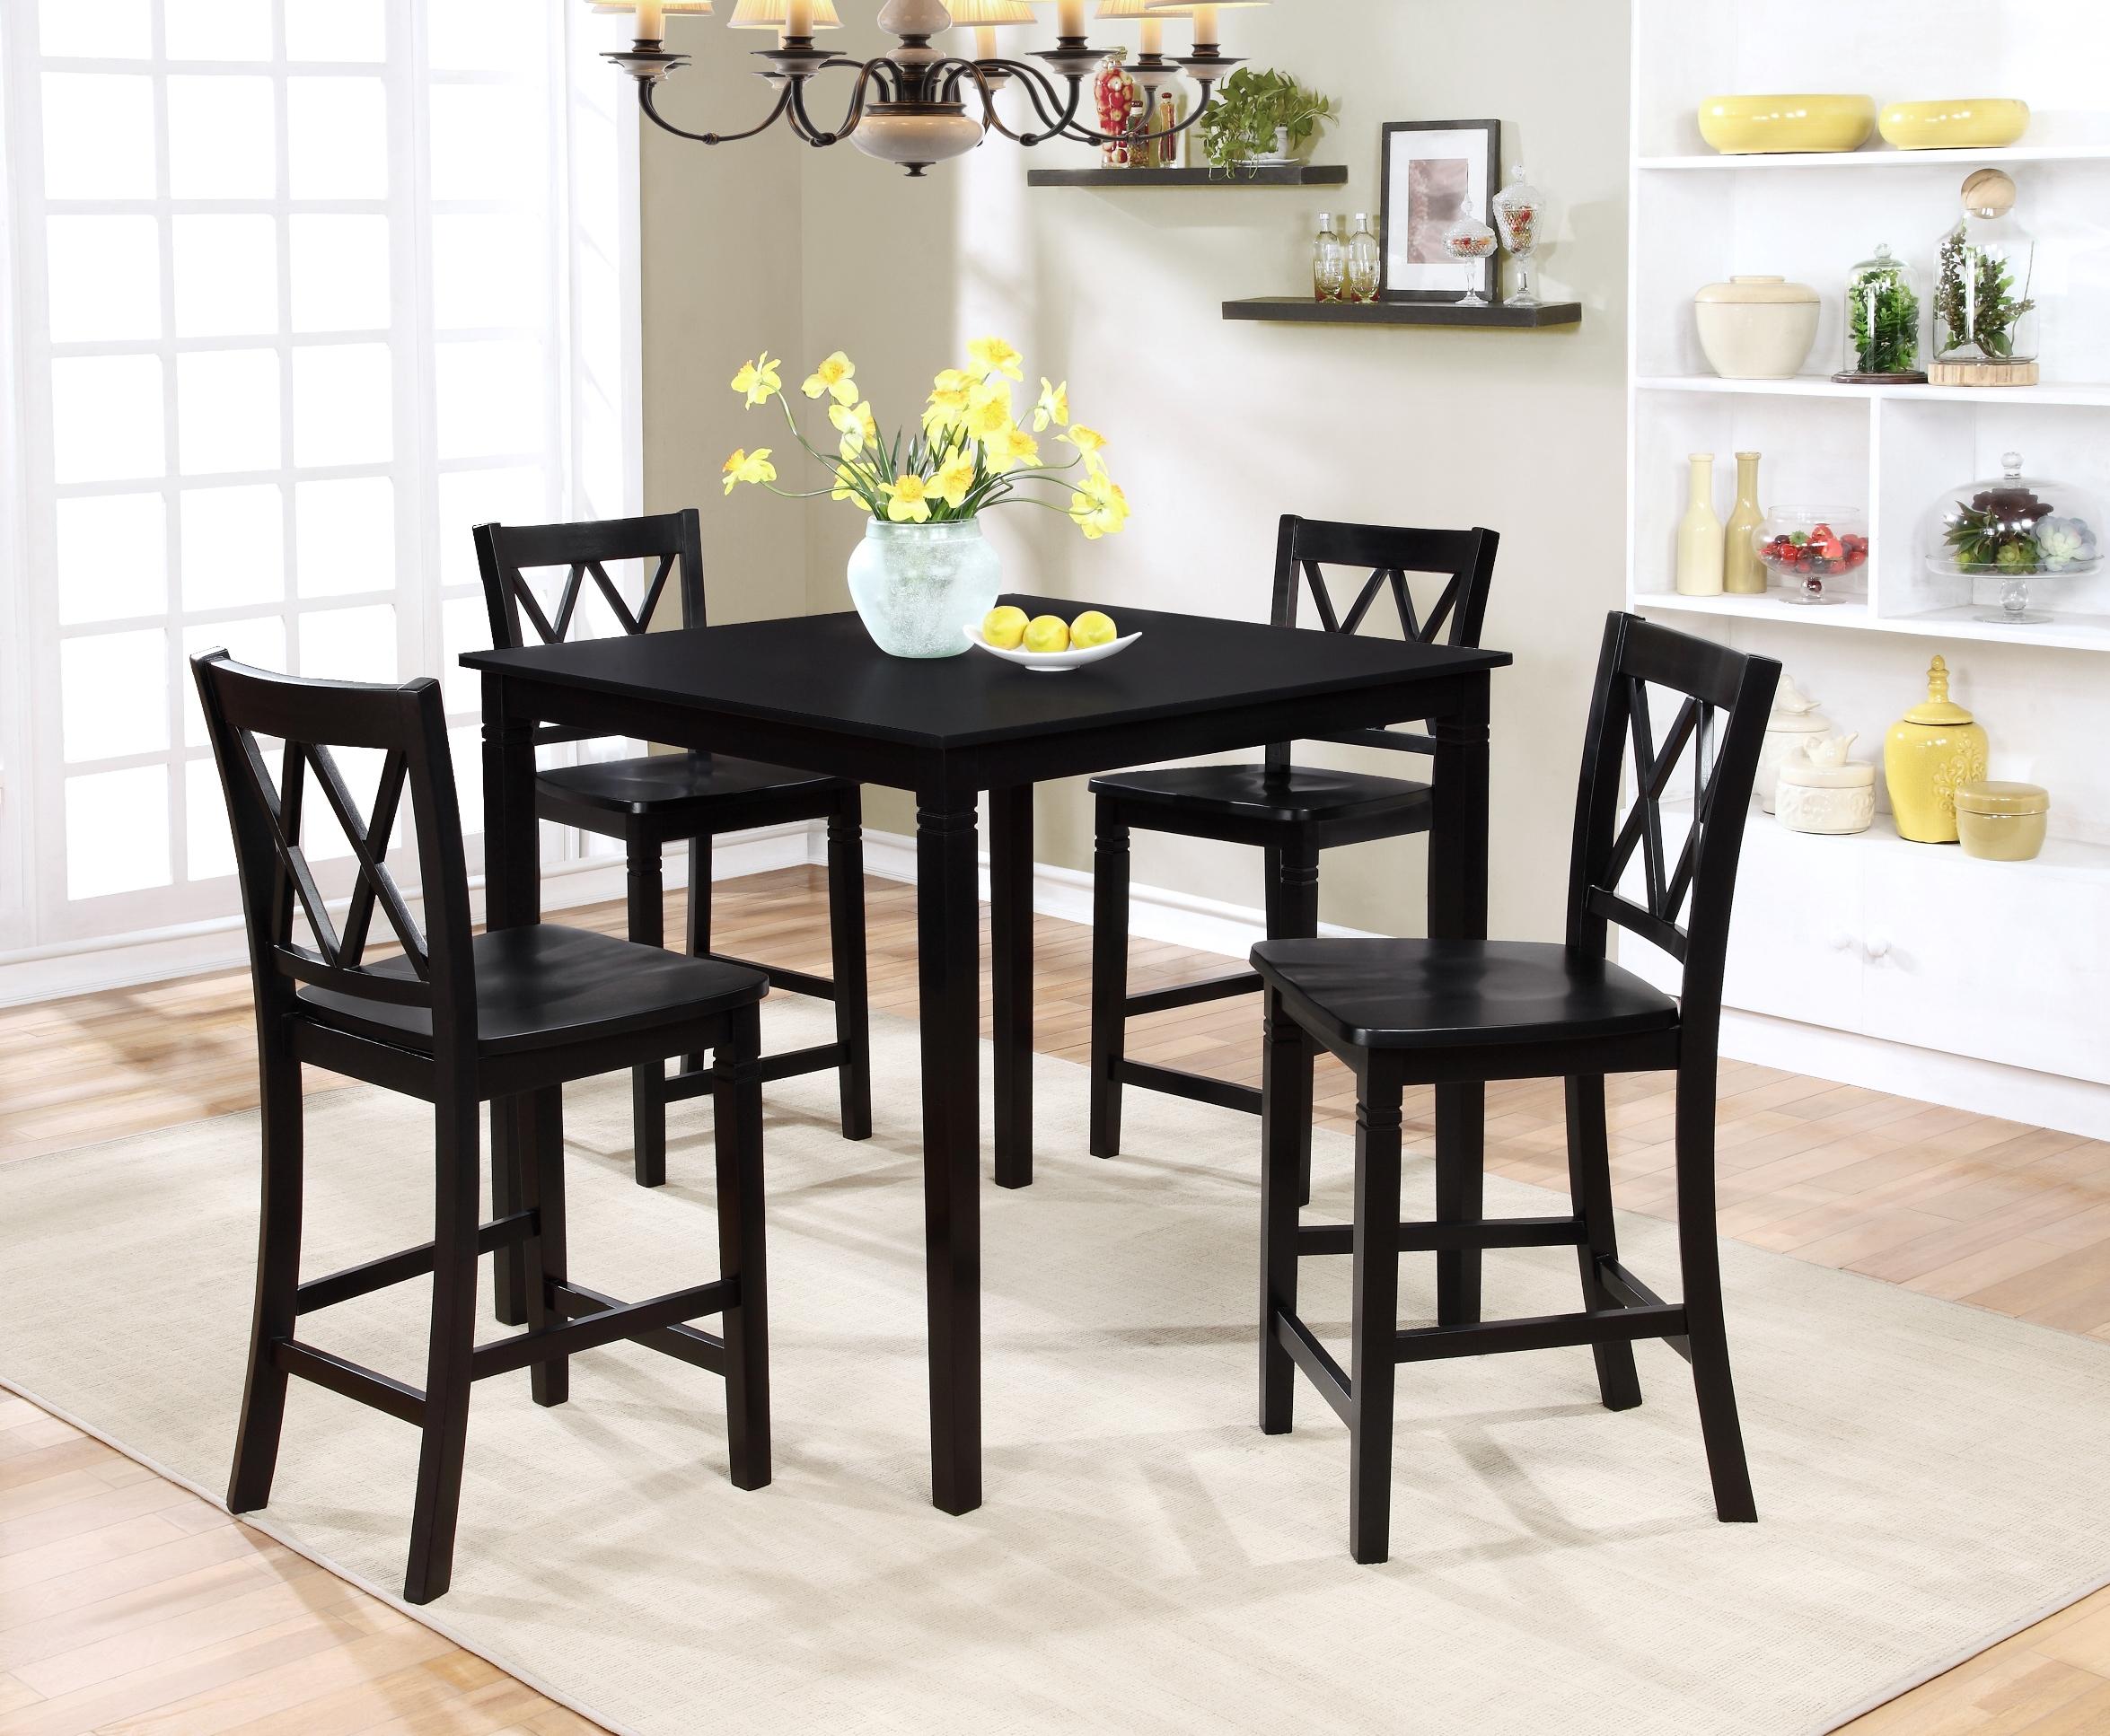 Essential Home Dahlia 5 Piece Square Table Dining Set